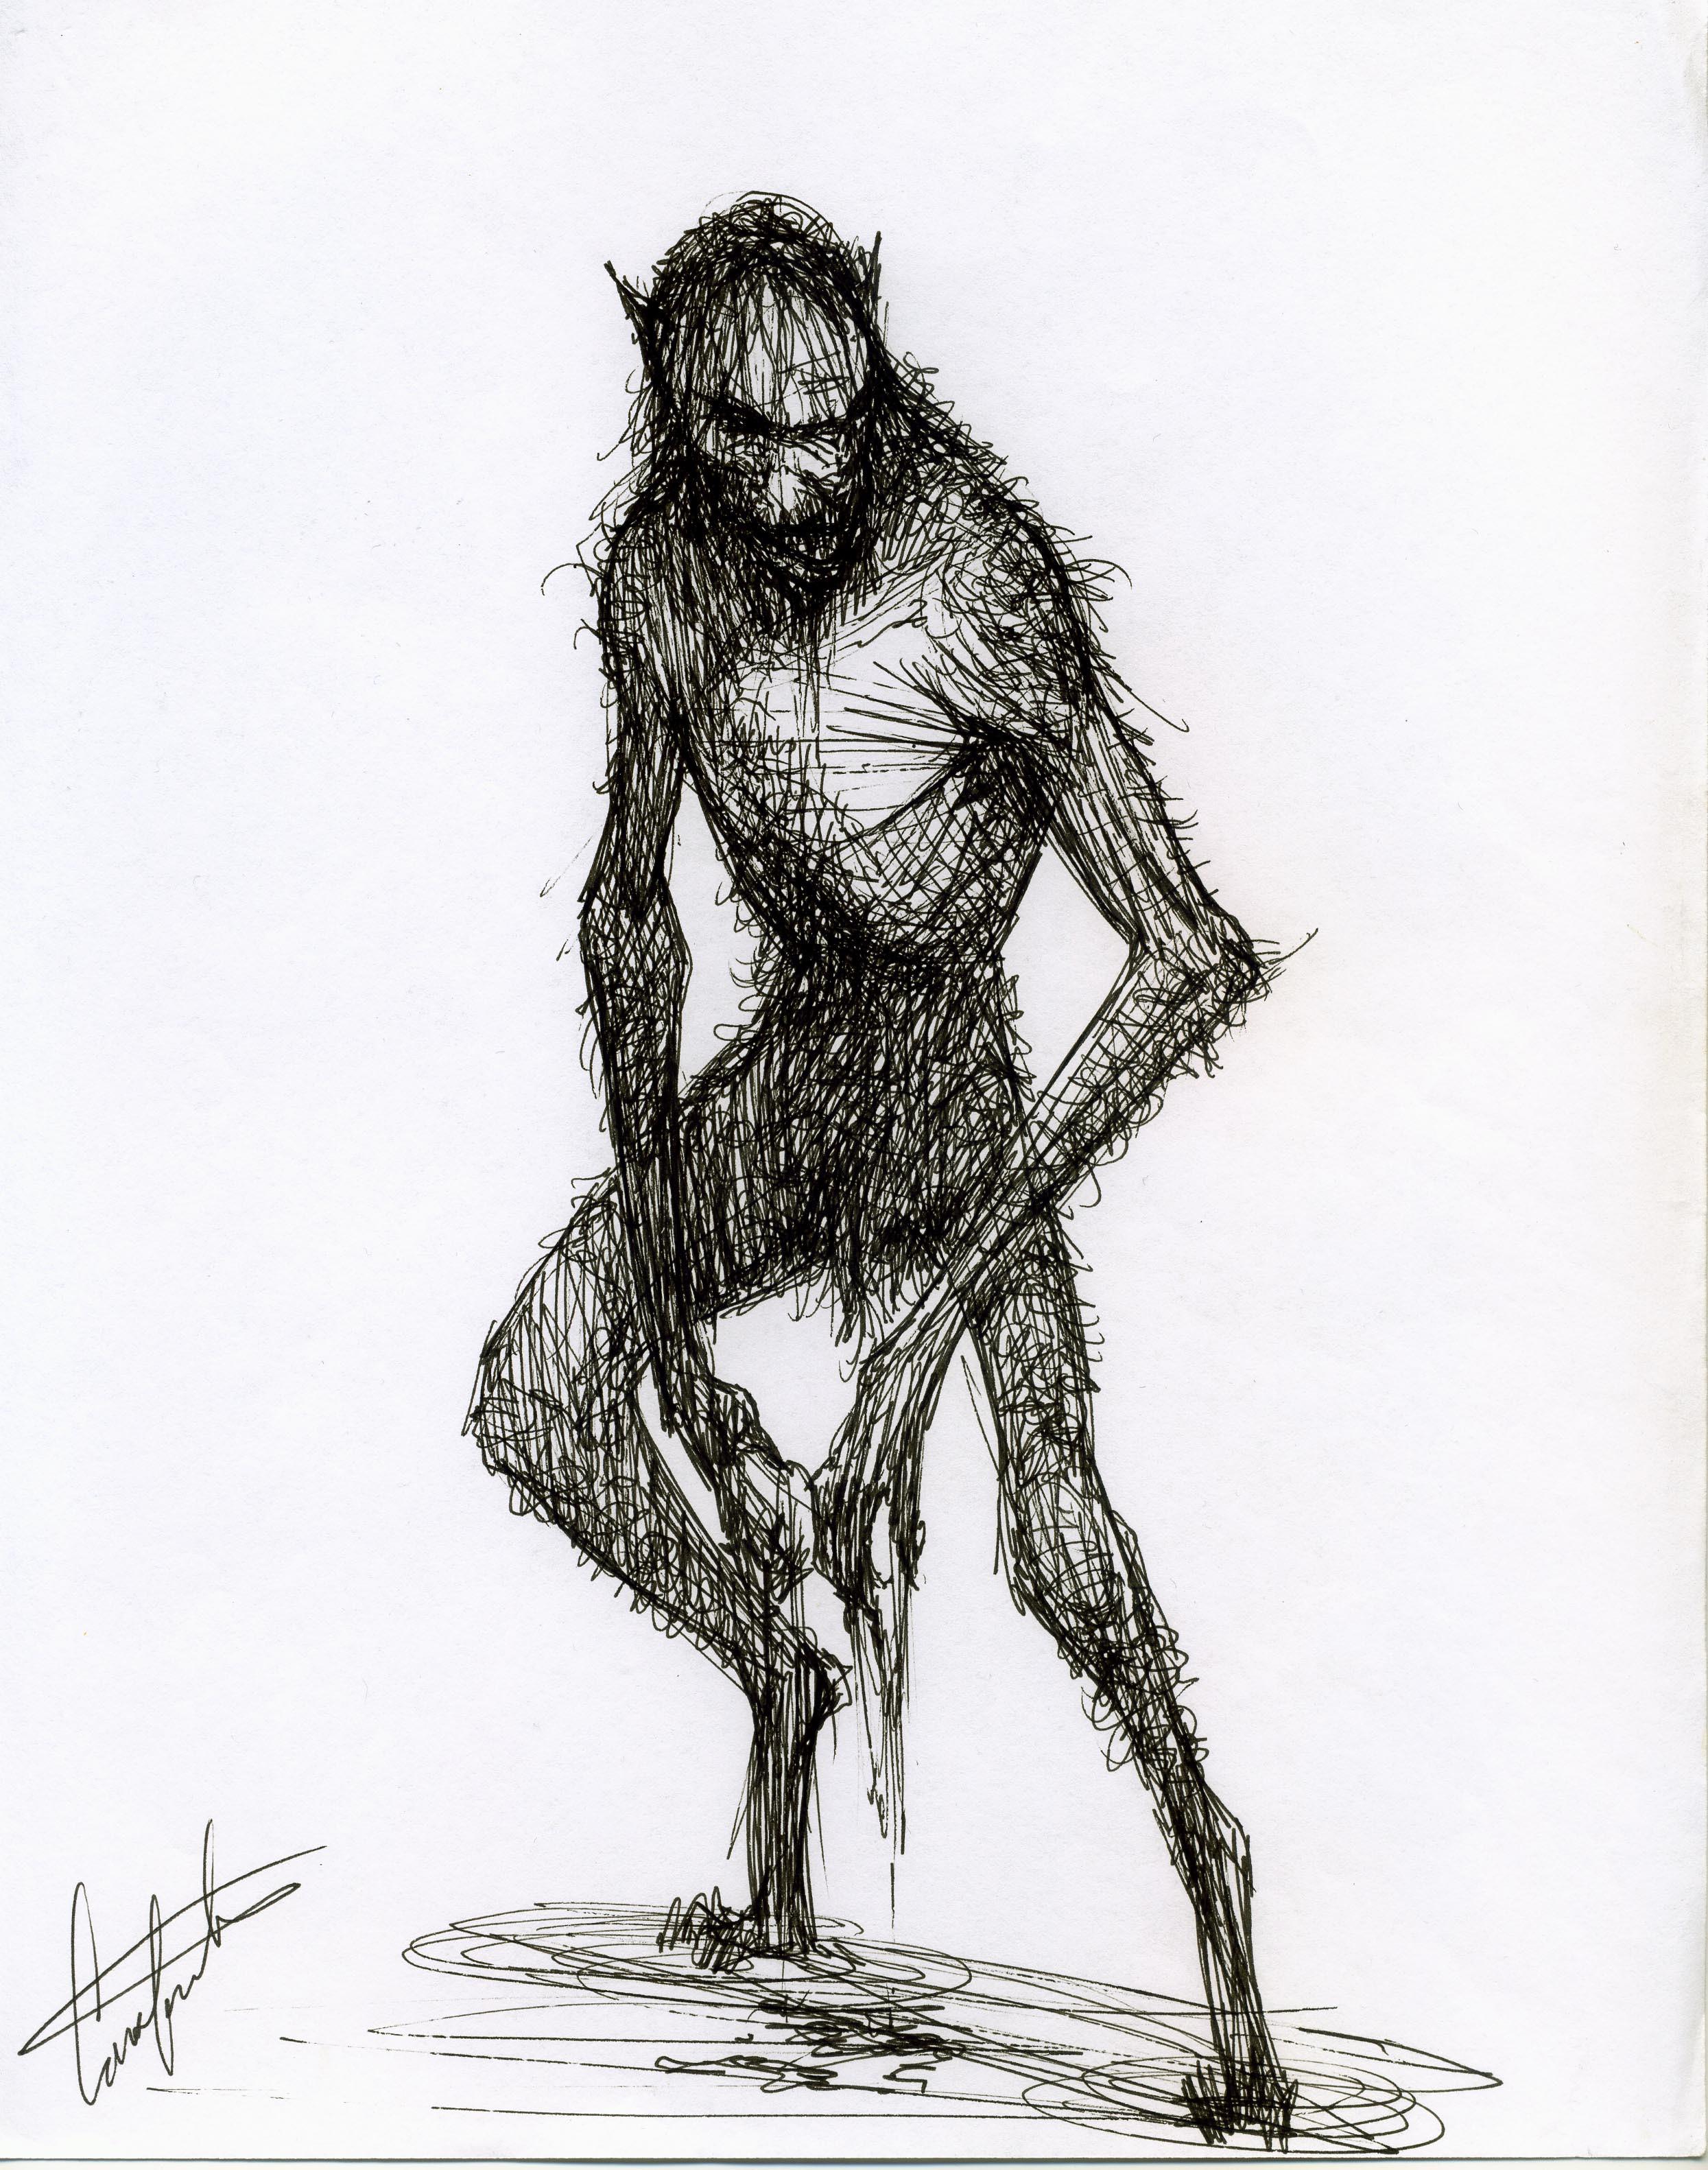 werewolf fantasy creature design sketch